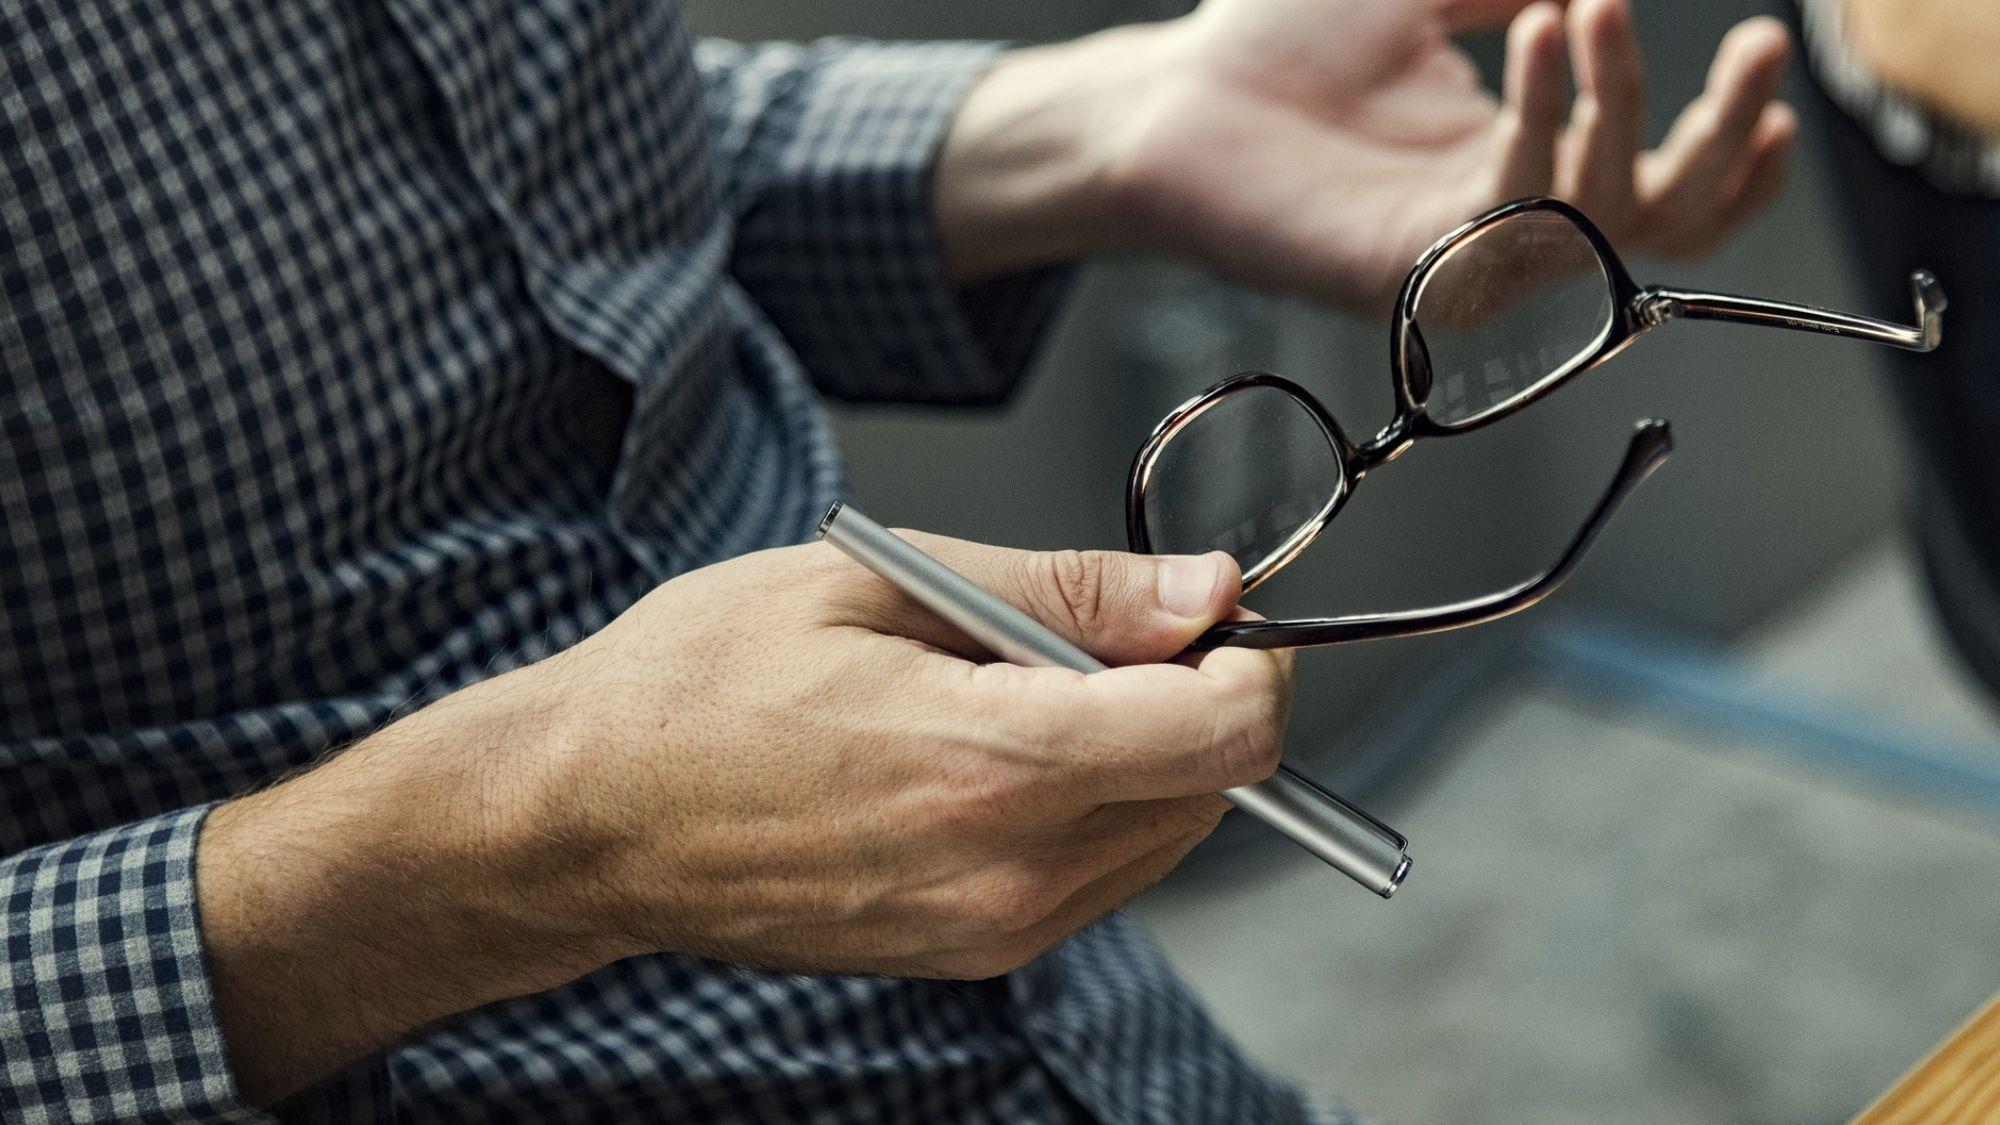 יד מנהל עם משקפיים – ממשק מעסיקים לסליקת פנסיה